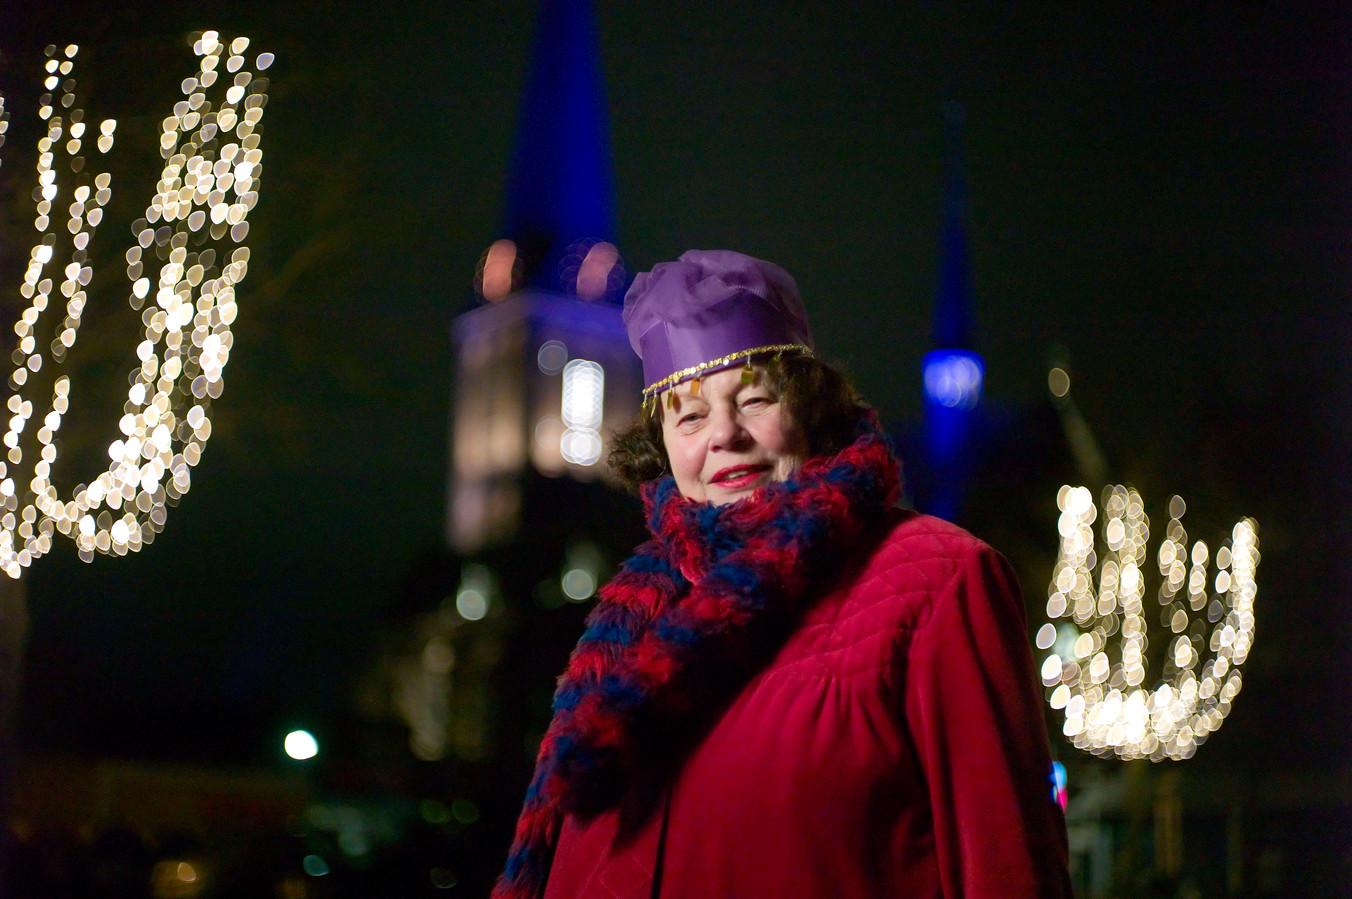 """Nachtburgemeester Marijke Agterbosch blikt terug op haar functie: """"De gemeente doet zichzelf tekort. Je biedt iets aan, je kunt wat organiseren, maar ze maken er geen gebruik van. Jammer."""""""